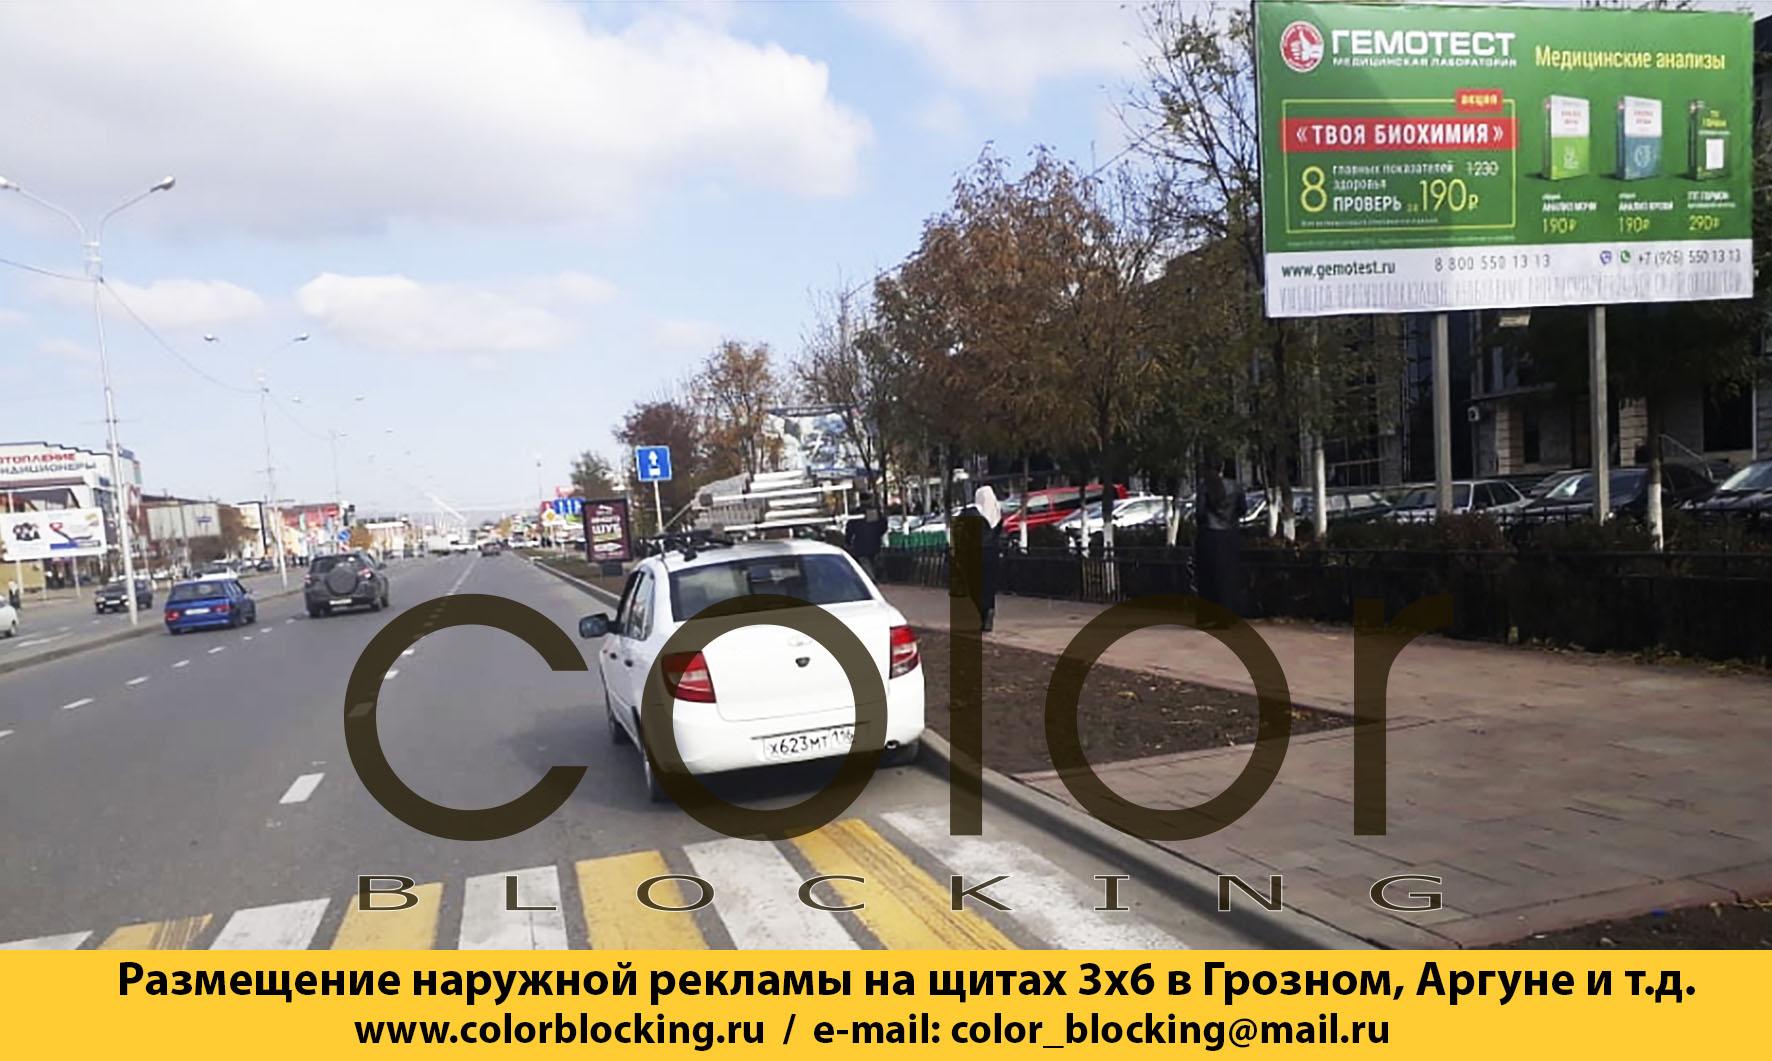 Щиты 3х6 в Грозном Чечня